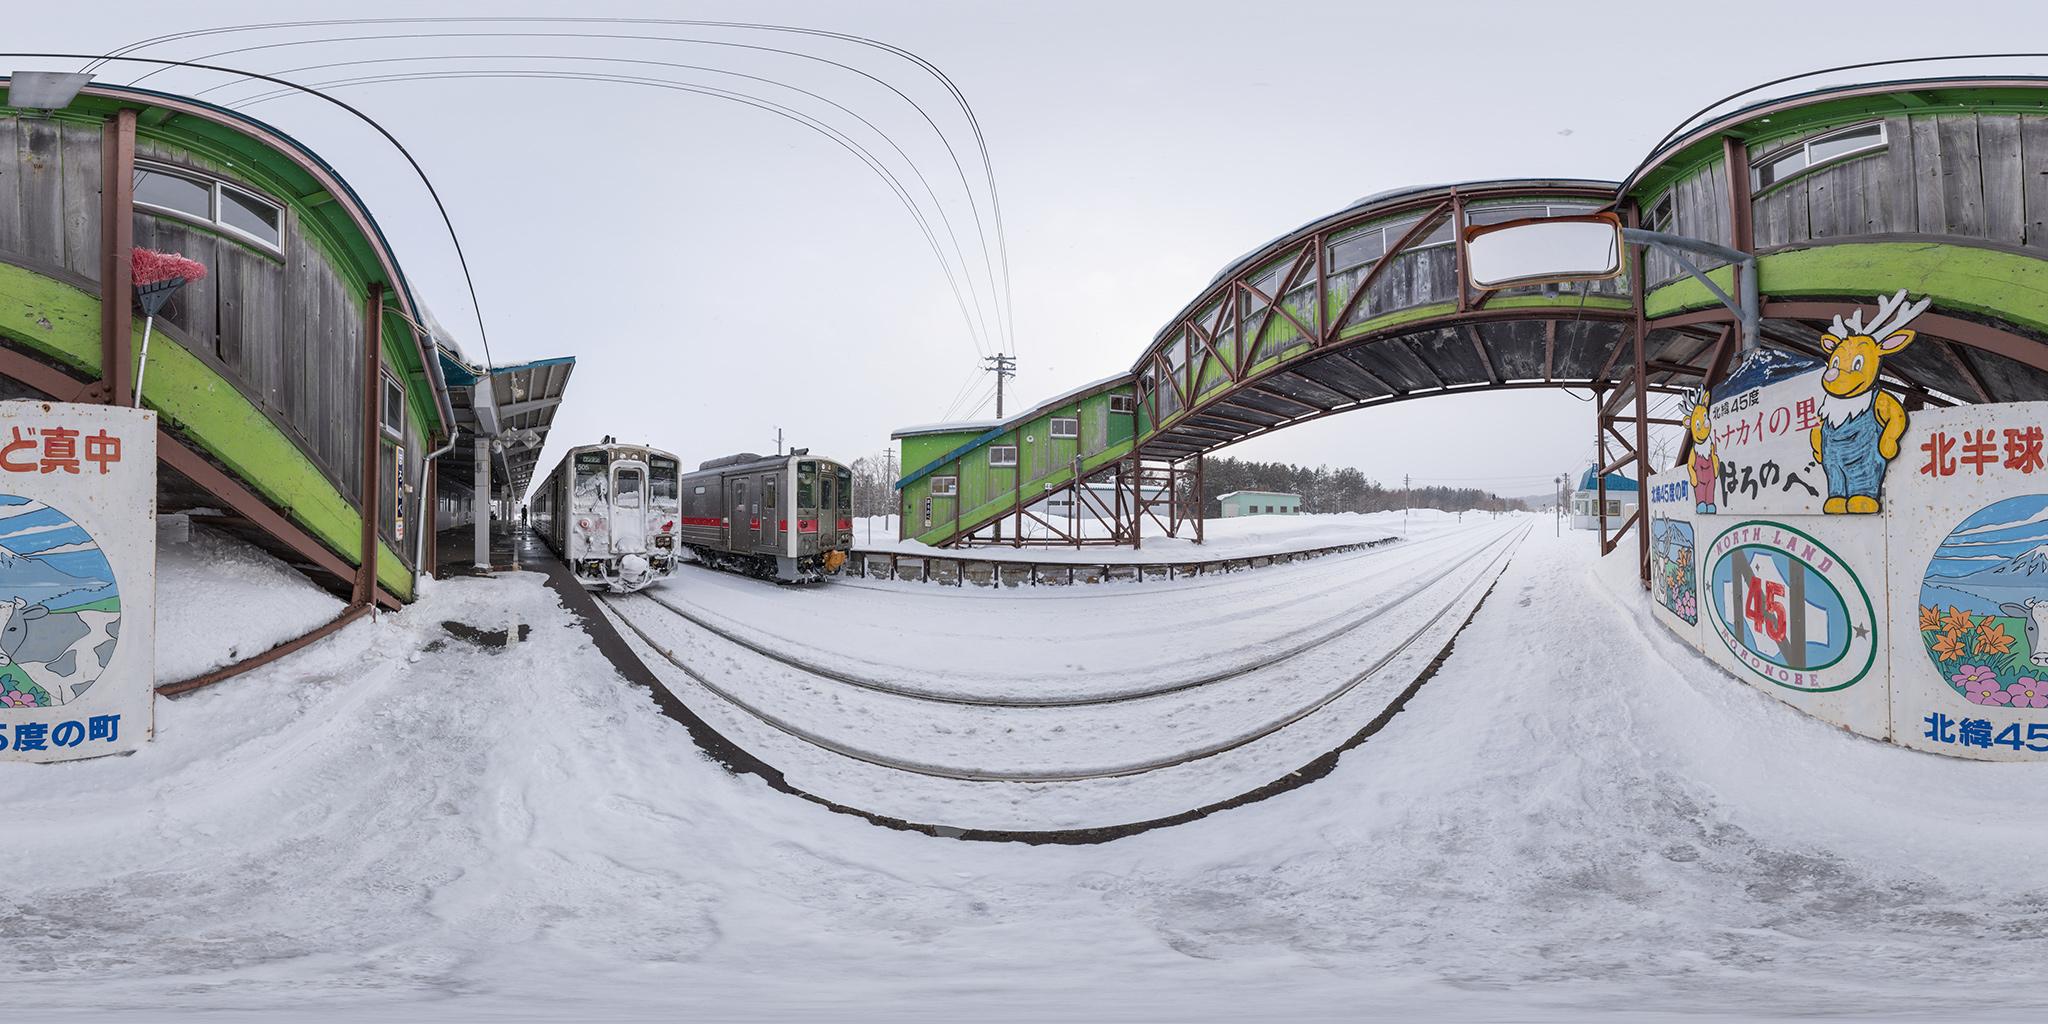 幌延駅で交換するキハ54 502(4333D)・キハ54 505(4334D)